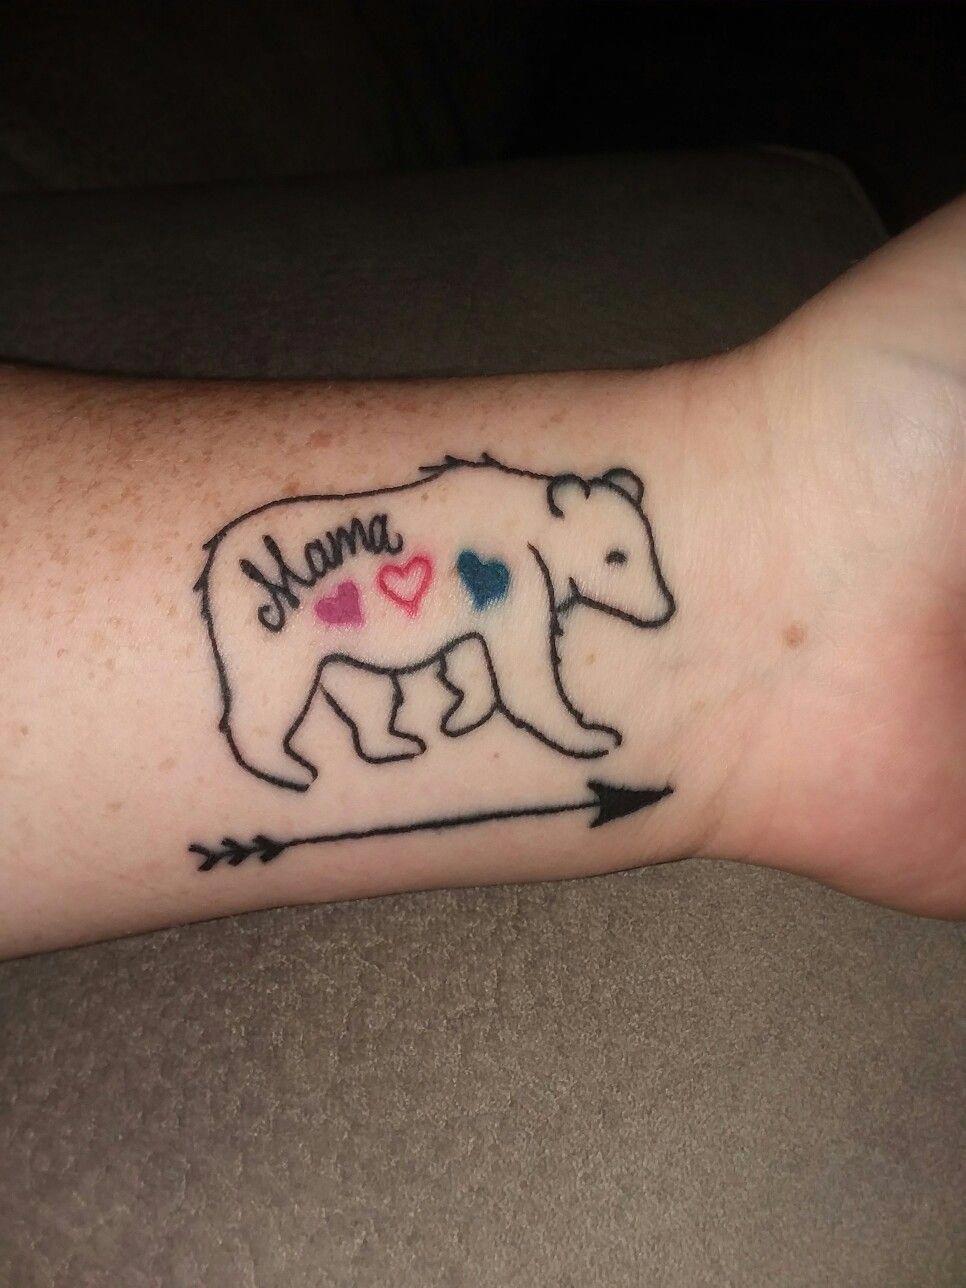 Pin by Lorie Van BurenPierce on Tattoos Tattoos for